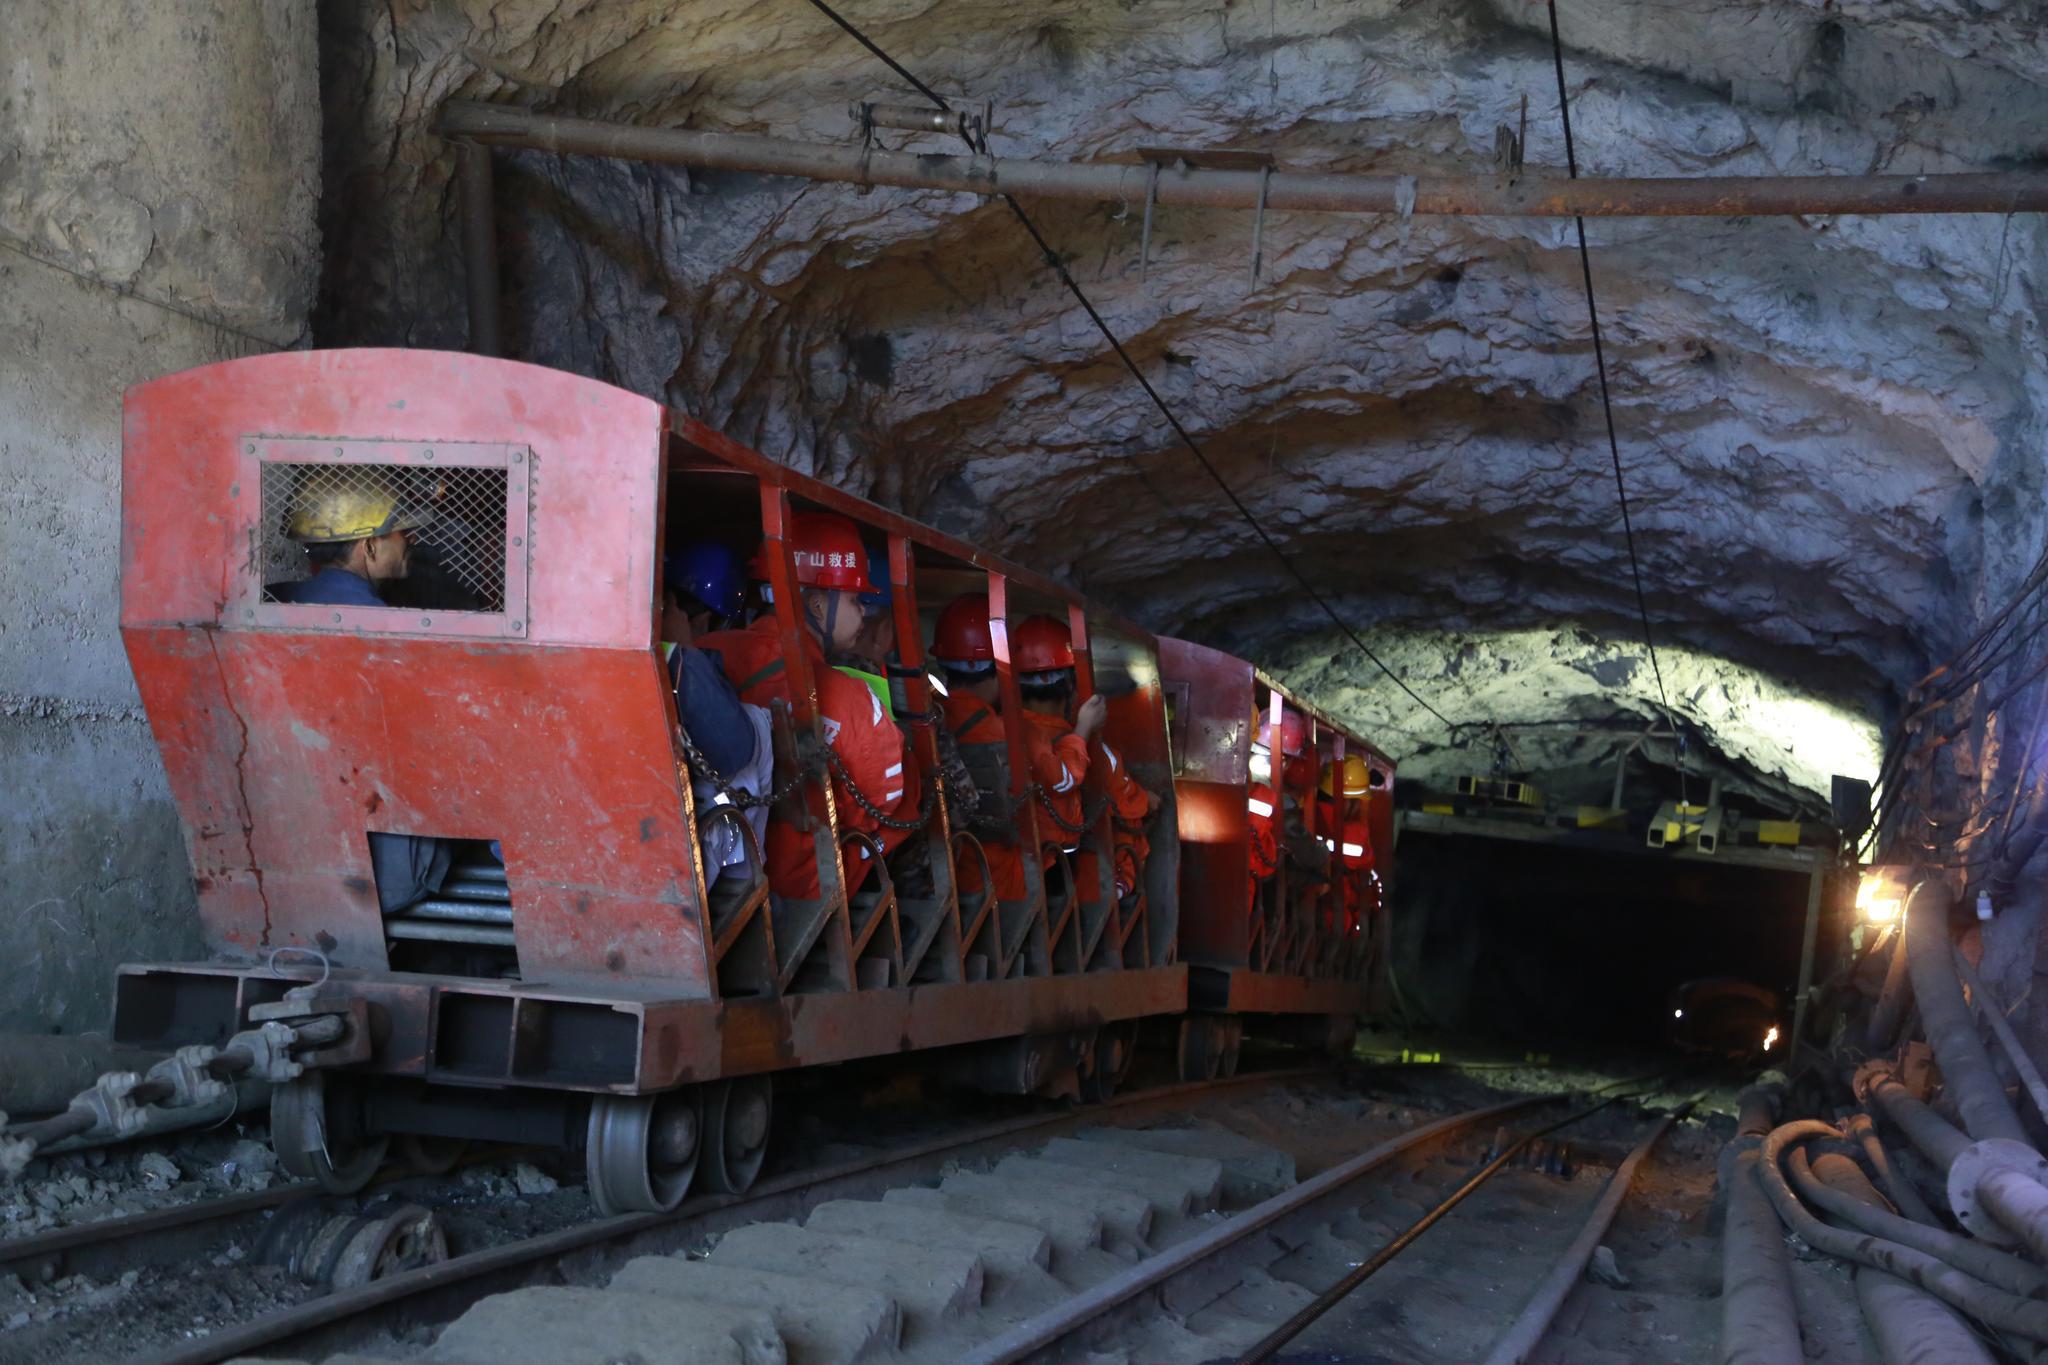 最新1号庄娱乐官网_新进展!大潮高速第二长隧道左线顺利贯通,预计2020年项目全线通车